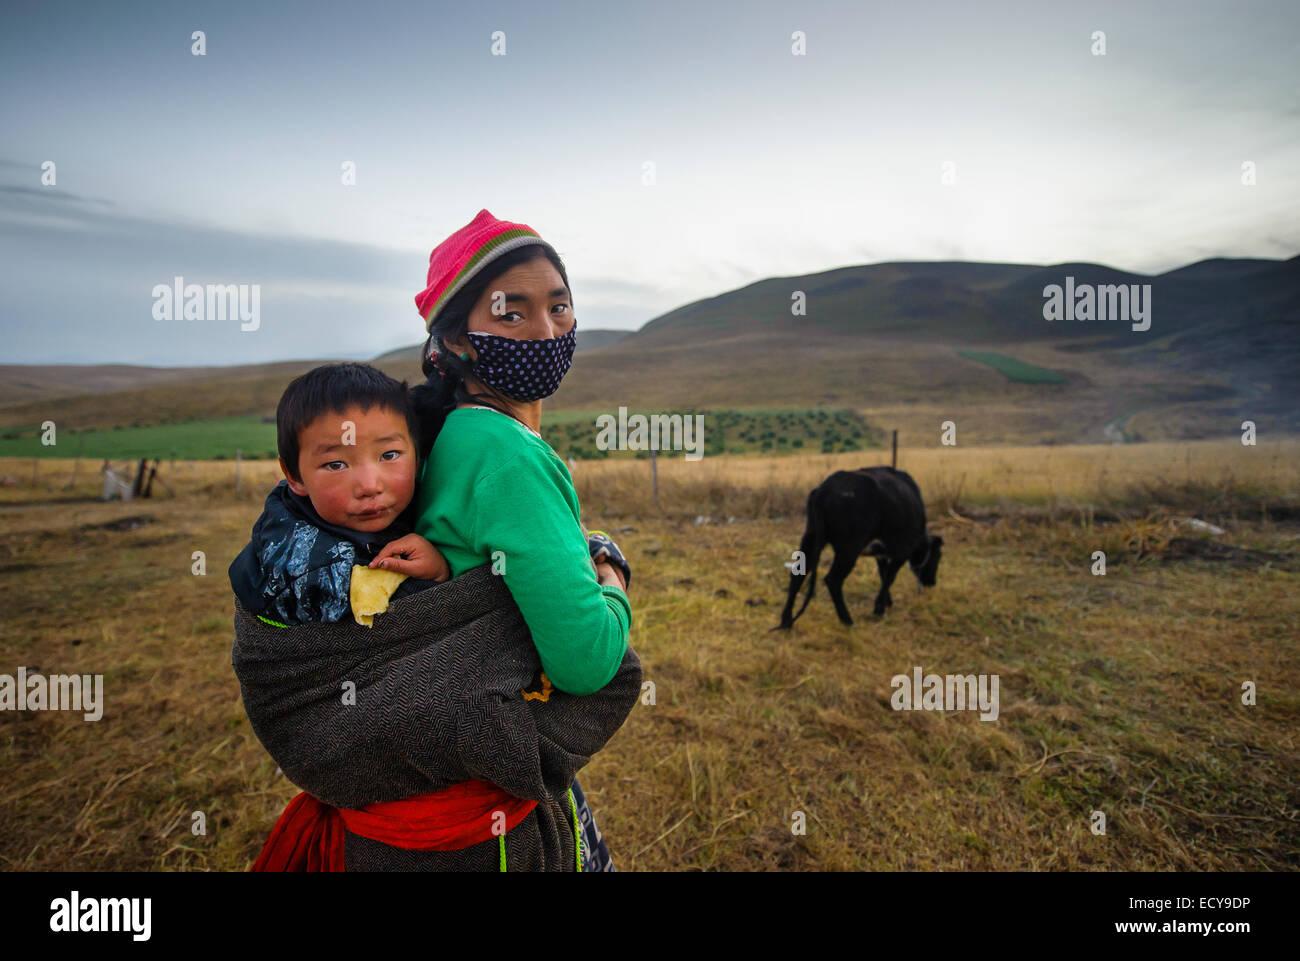 El tibetano madre lleva a su hijo en un cabestrillo Imagen De Stock